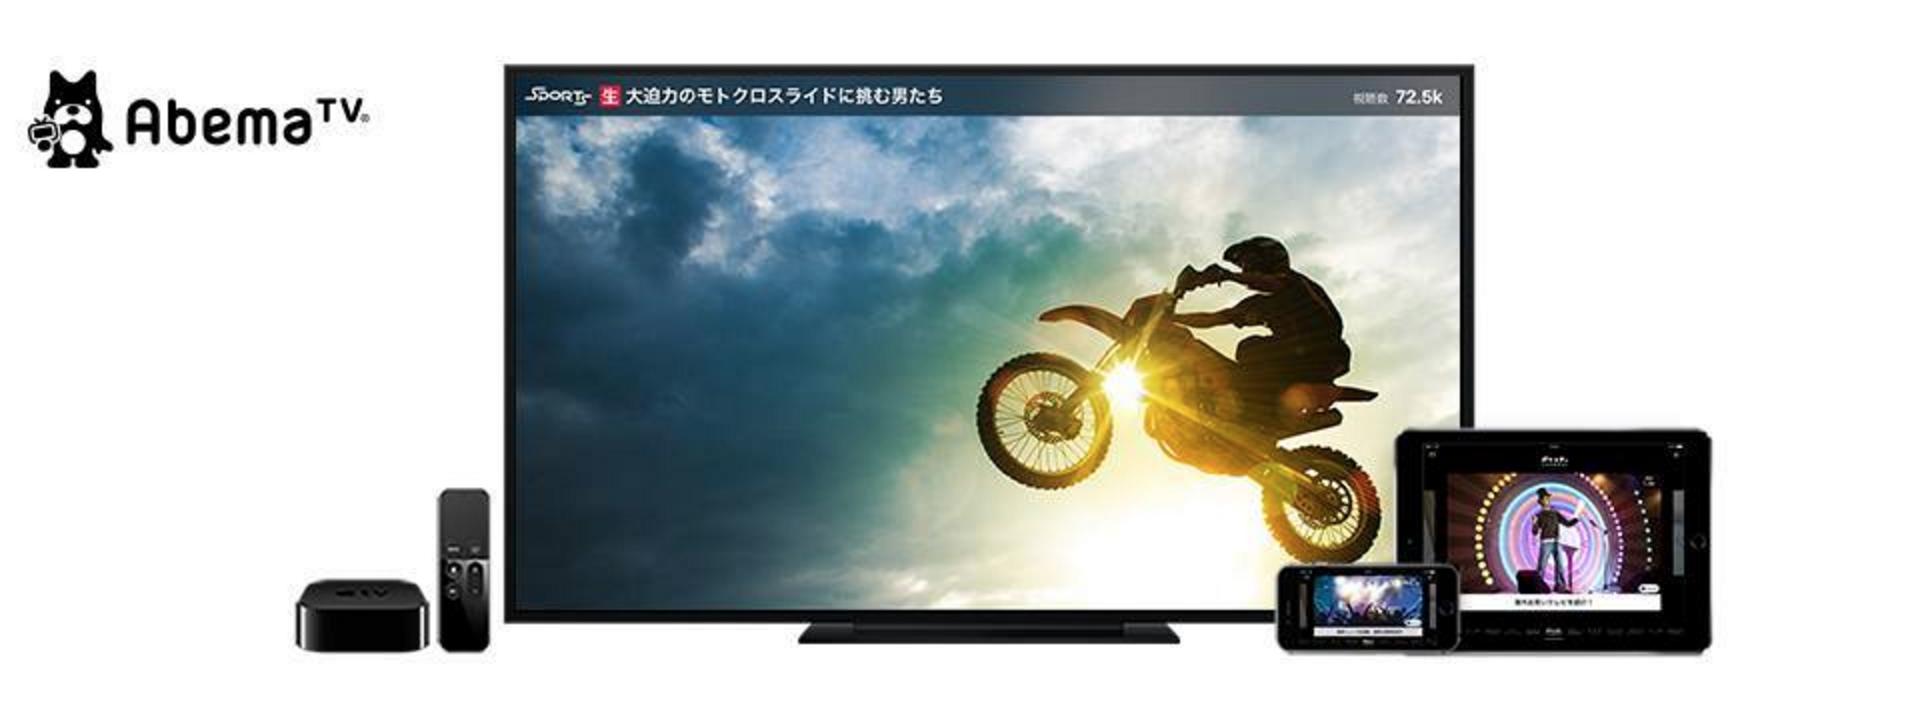 Abema TVが「Appele TV」に対応!テレビの大画面で見る事が出来る!